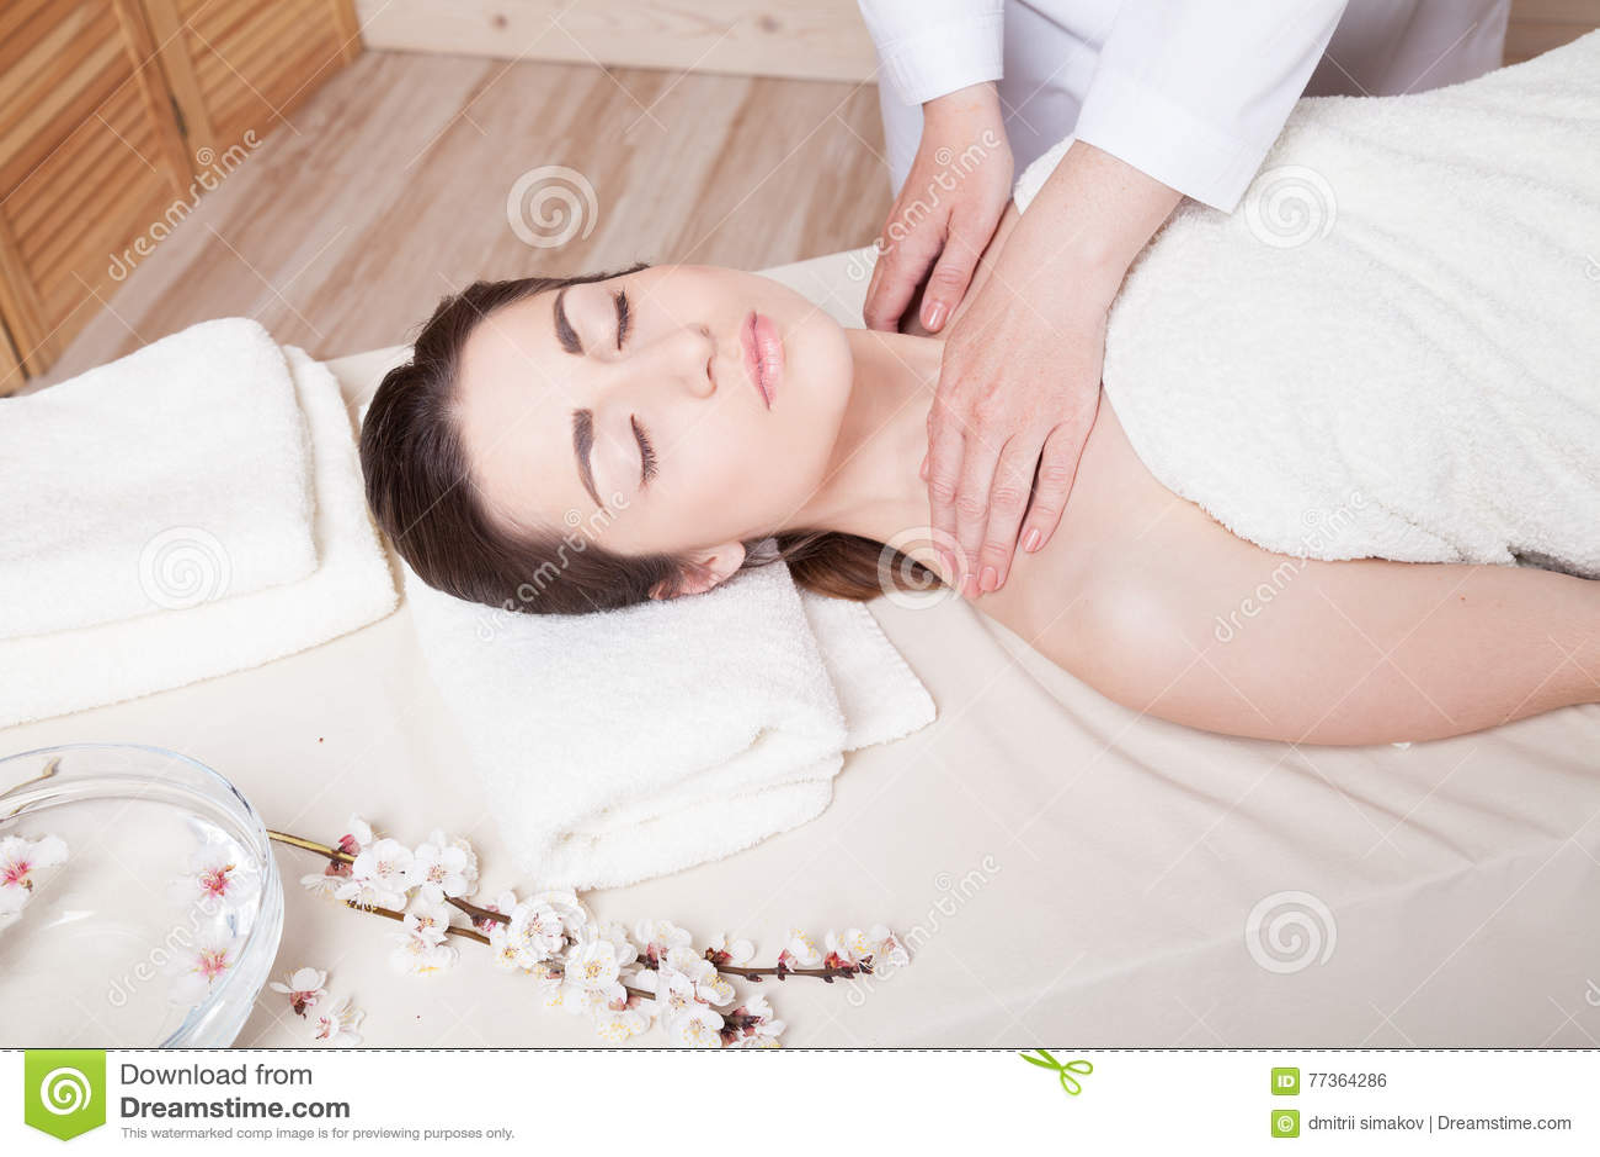 Делает массаж красивой девушке эротический массаж спб север города